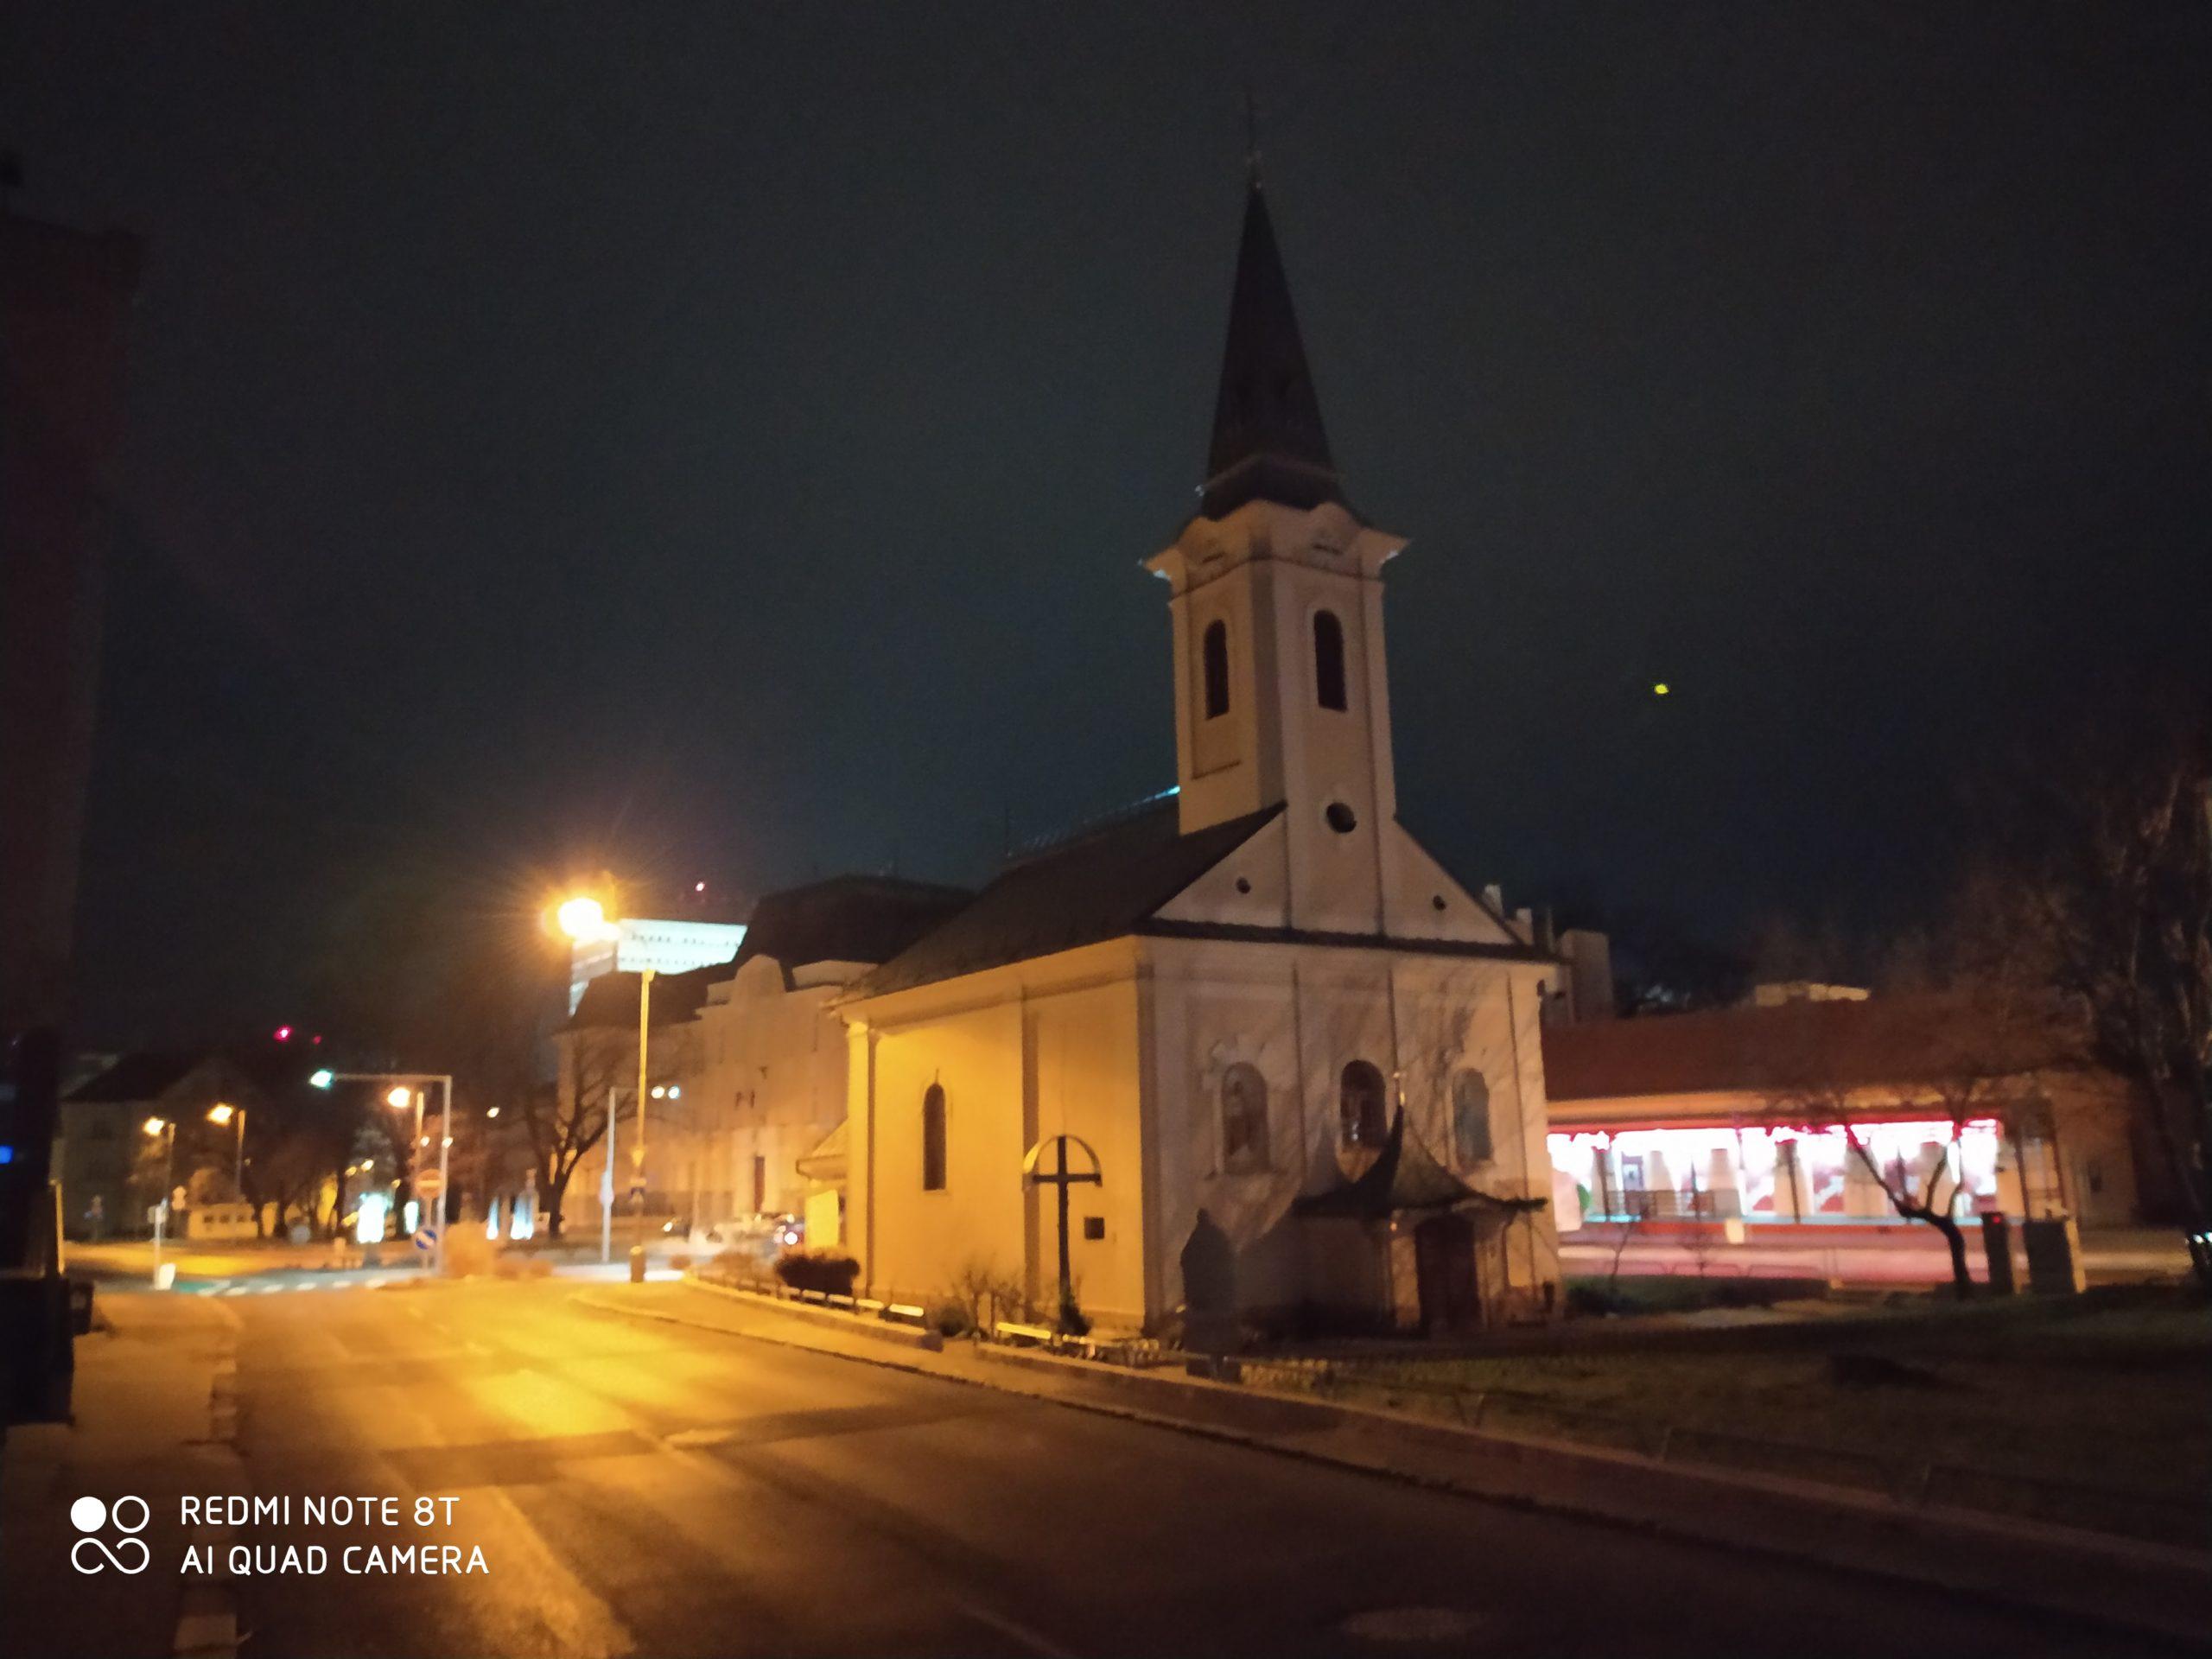 Redmi Note 8T nočný snímok AI